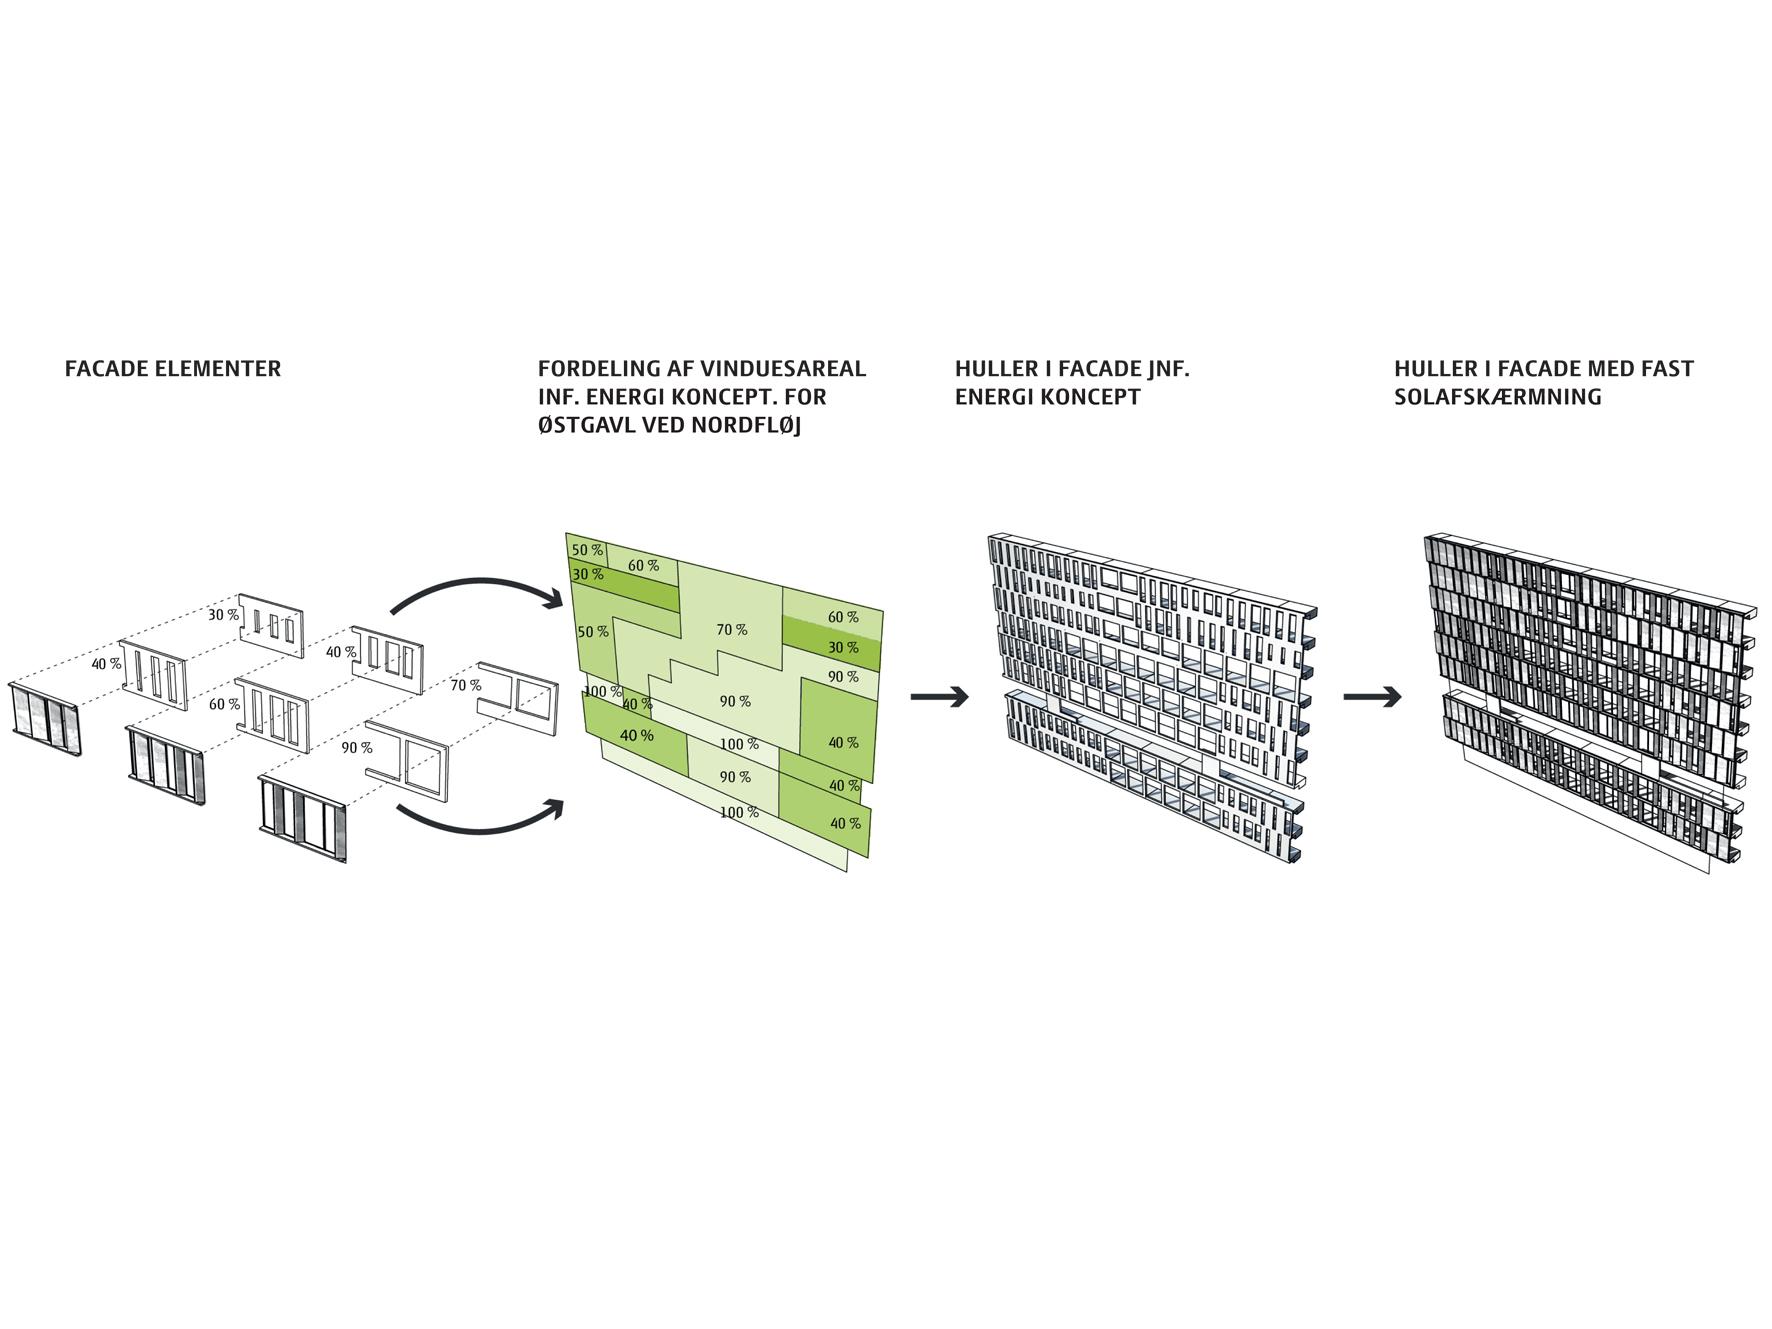 Fig. 2: Facadeudformning af Rigshospitalets nye nordfløj. Ved udformningen af facaden blev der anvendt parametrisk programmering for at optimere dagslys, energi og facadeudtryk effektivt og simultant. Rådgivningsteam: Aarhusarkitekterne, 3XN, Sweco (tidligere Grontmij), Nickl & Partner, Kristine Jensens tegnestue.